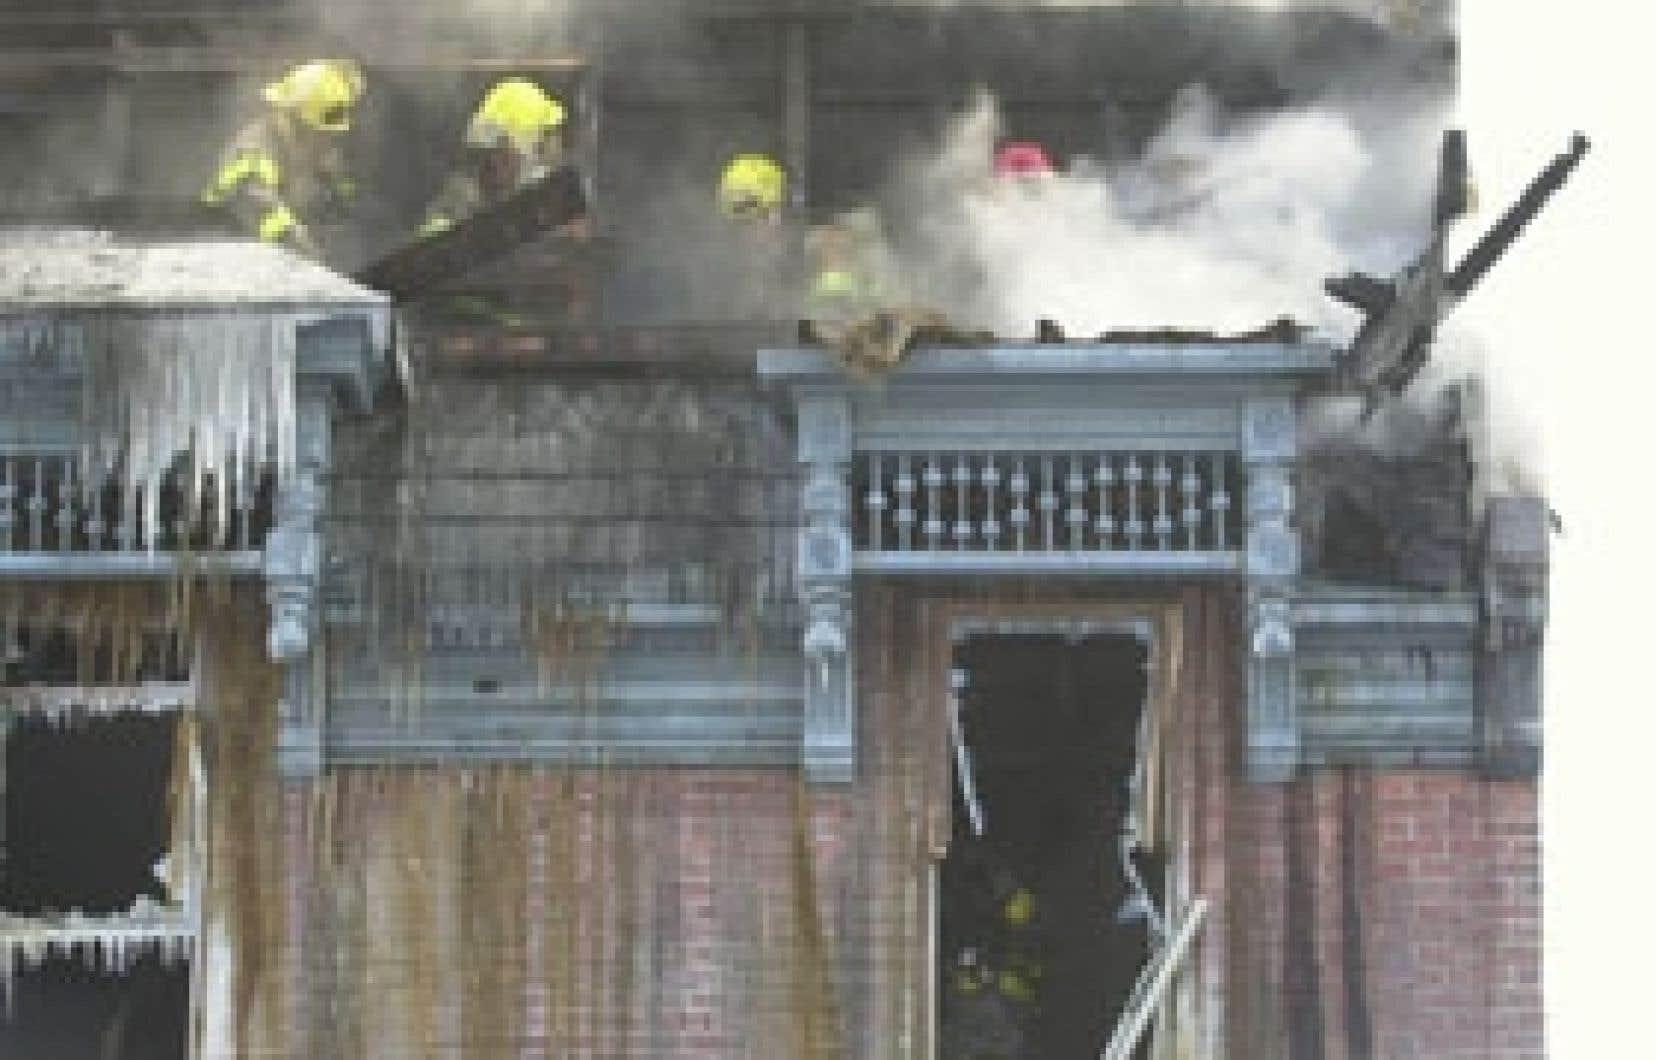 Les incendies diminuent la valeur d'une propriété et ont des répercussions sur le prêt hypothécaire. Le fait de rénover adéquatement la maison rétablira sa valeur, mais le prêteur hypothécaire doit participer aux démarches jusqu'à la fin